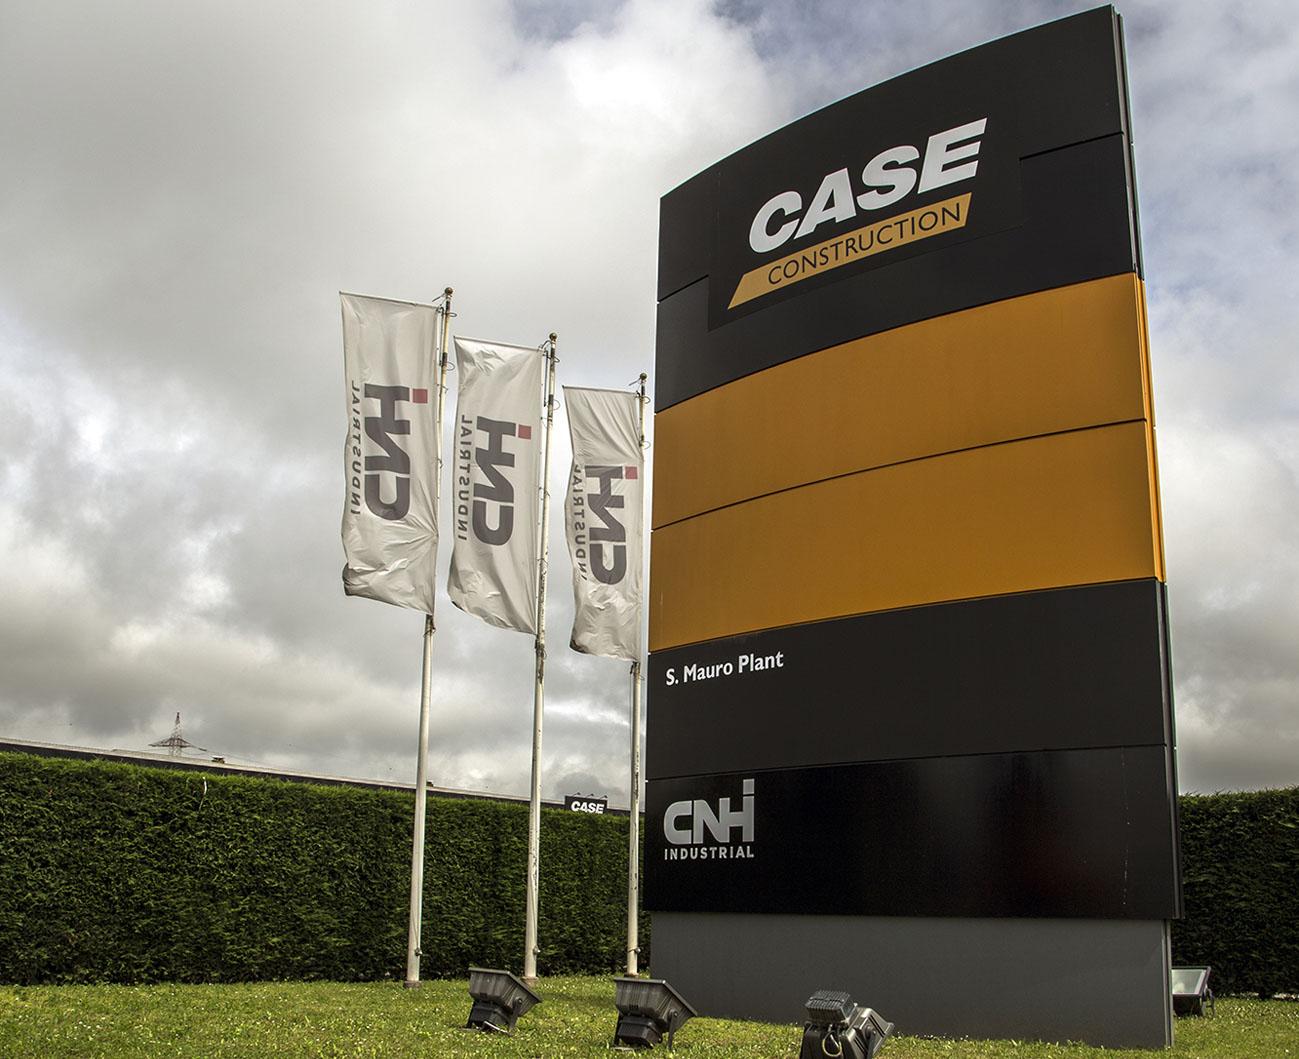 Il 2017 targato CASE - Case Construction Equipment macchine movimento terra Case miniescavatori CASE Terne Serie T Case. -Construction Escavatori Notizie Pale Terne - MC5.0-Macchine Cantieri